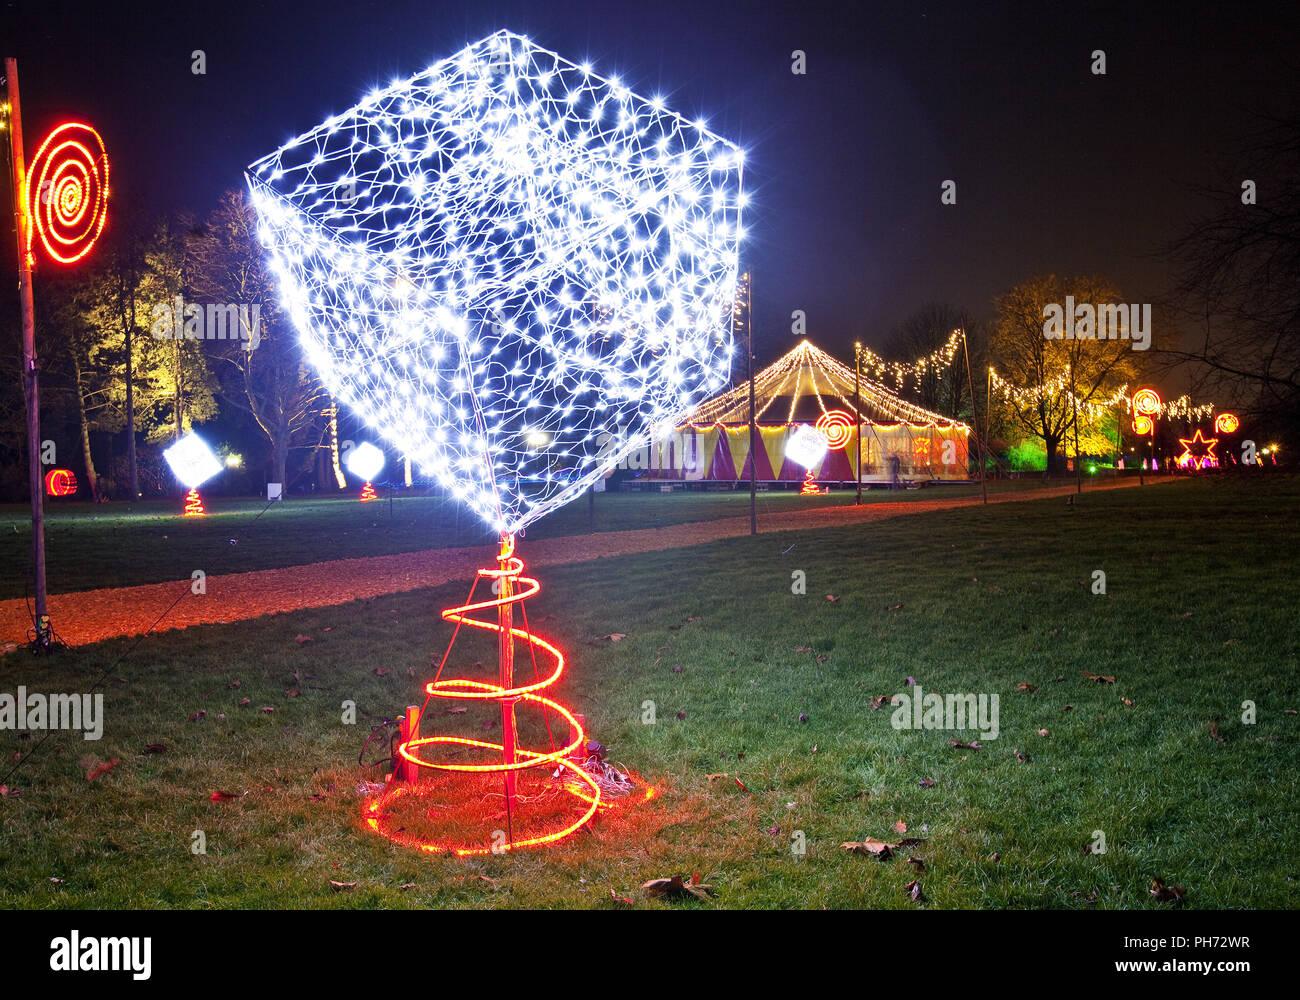 Luces de invierno, parque Westfalia, Dortmund, Alemania. Imagen De Stock